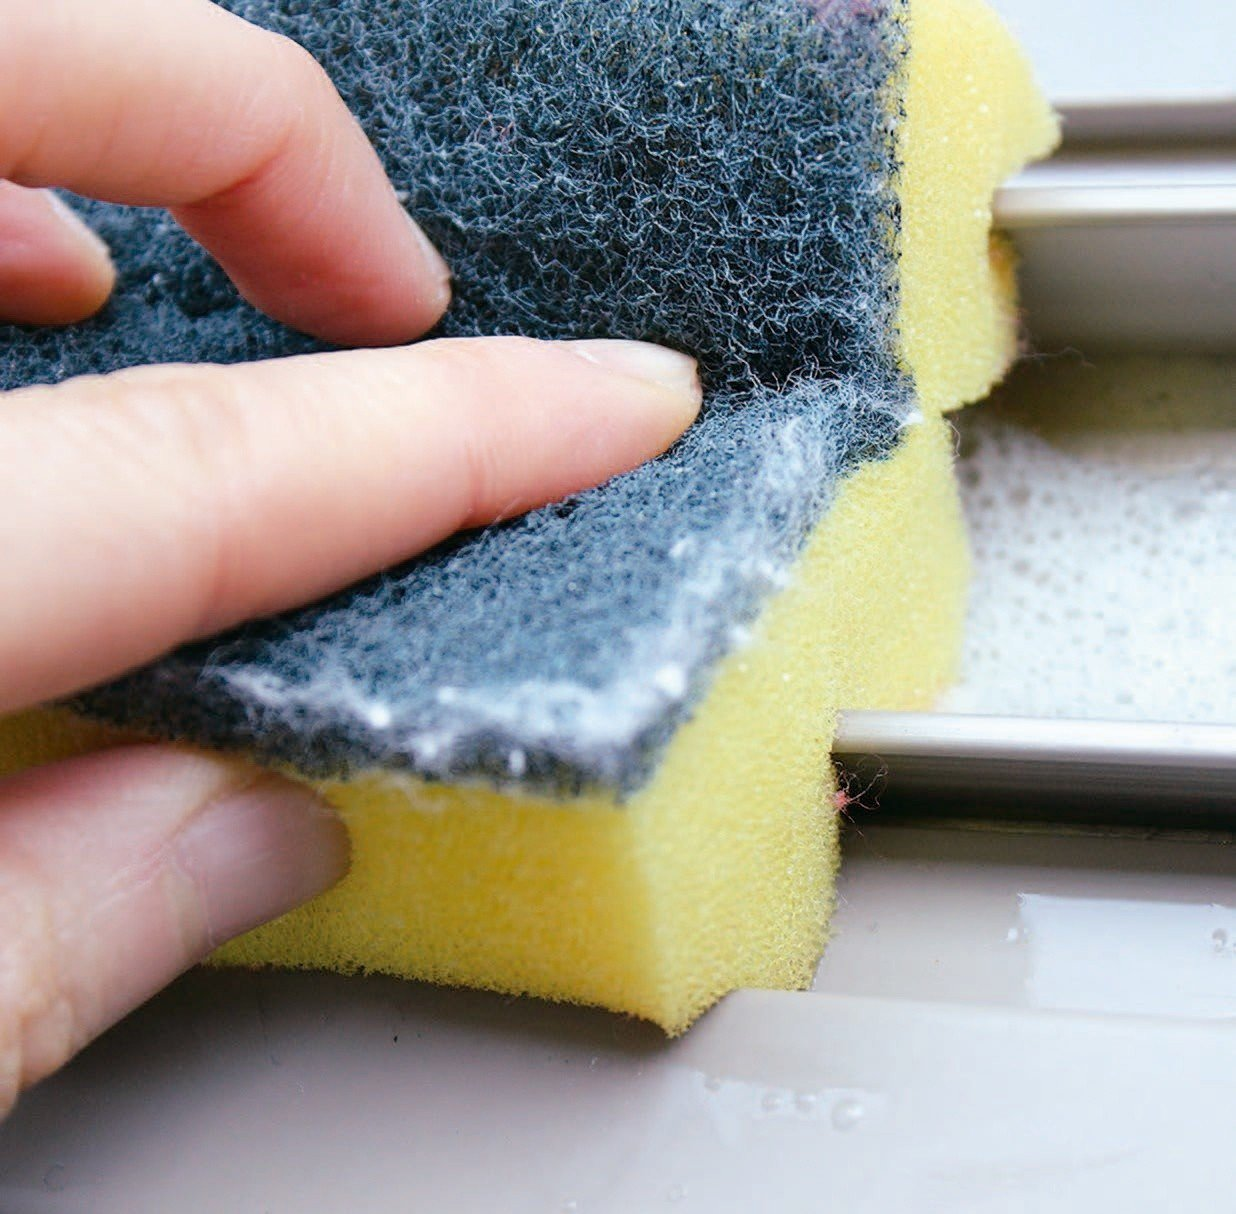 以切剪好的海綿擦拭窗框,海棉的縫隙可附著在窗框上,因此就能將窗框清潔得十分乾淨。...